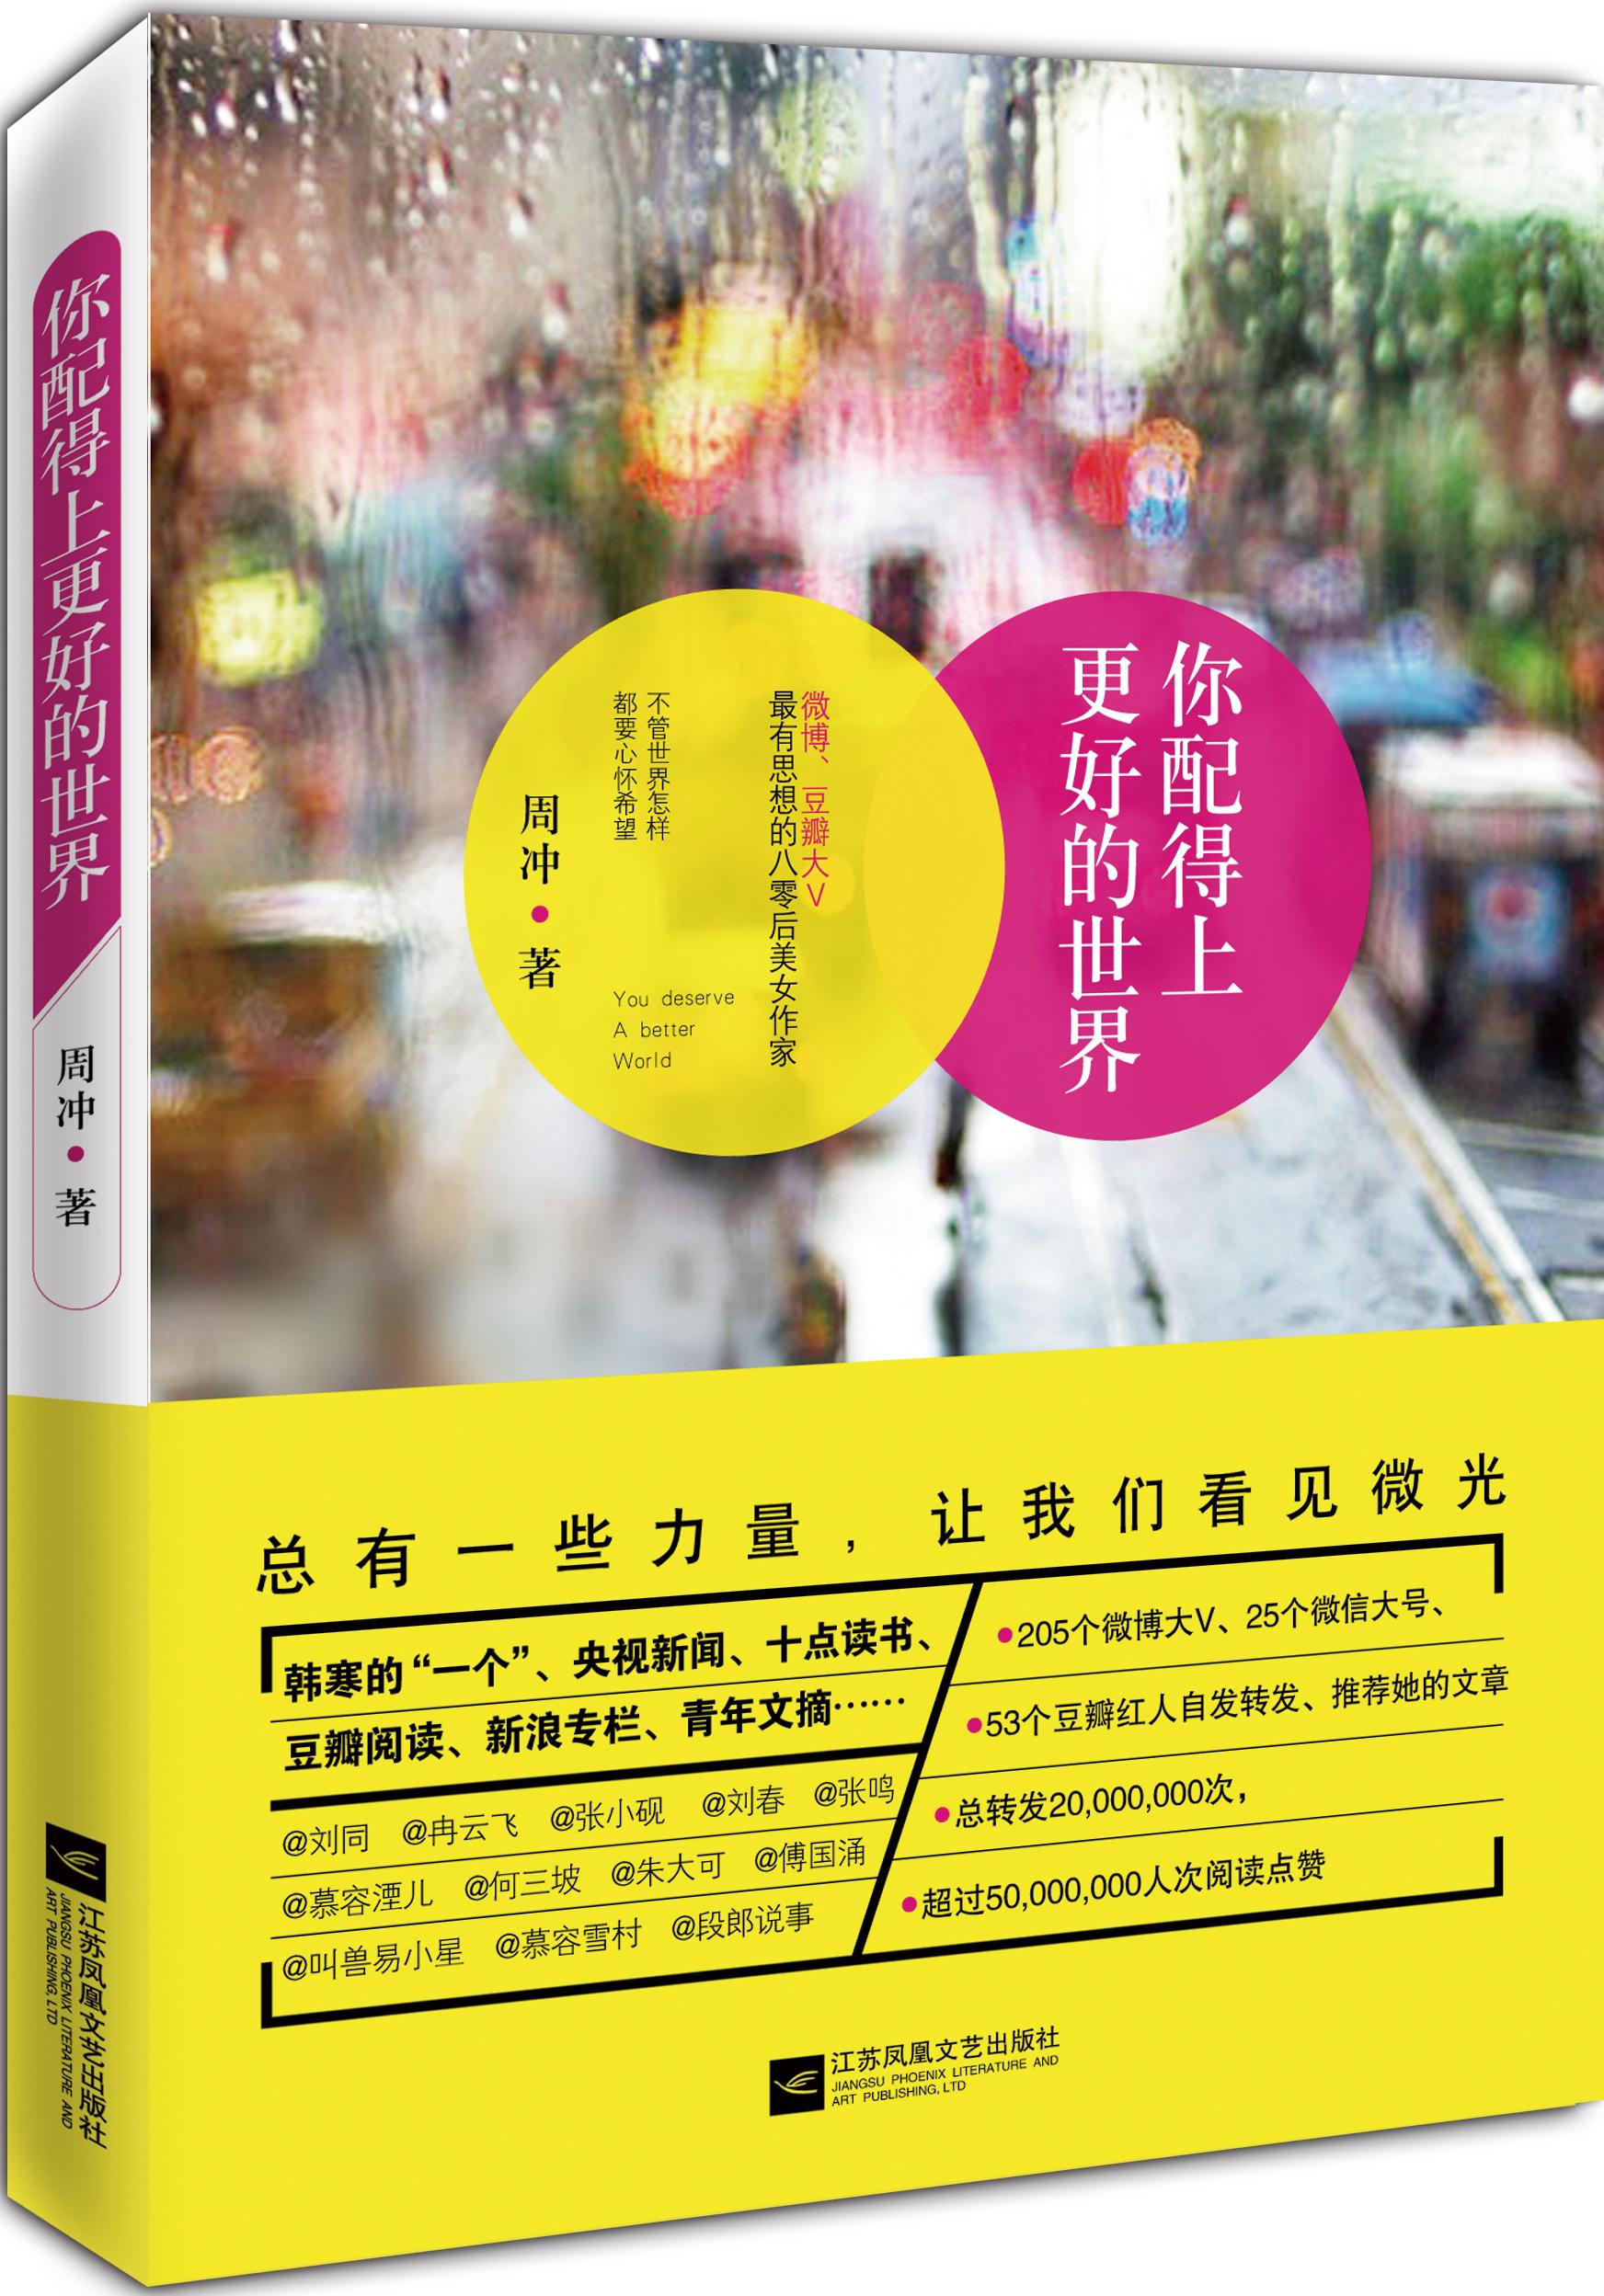 江西 美女作家周冲 散文集 你配得上更好的世界